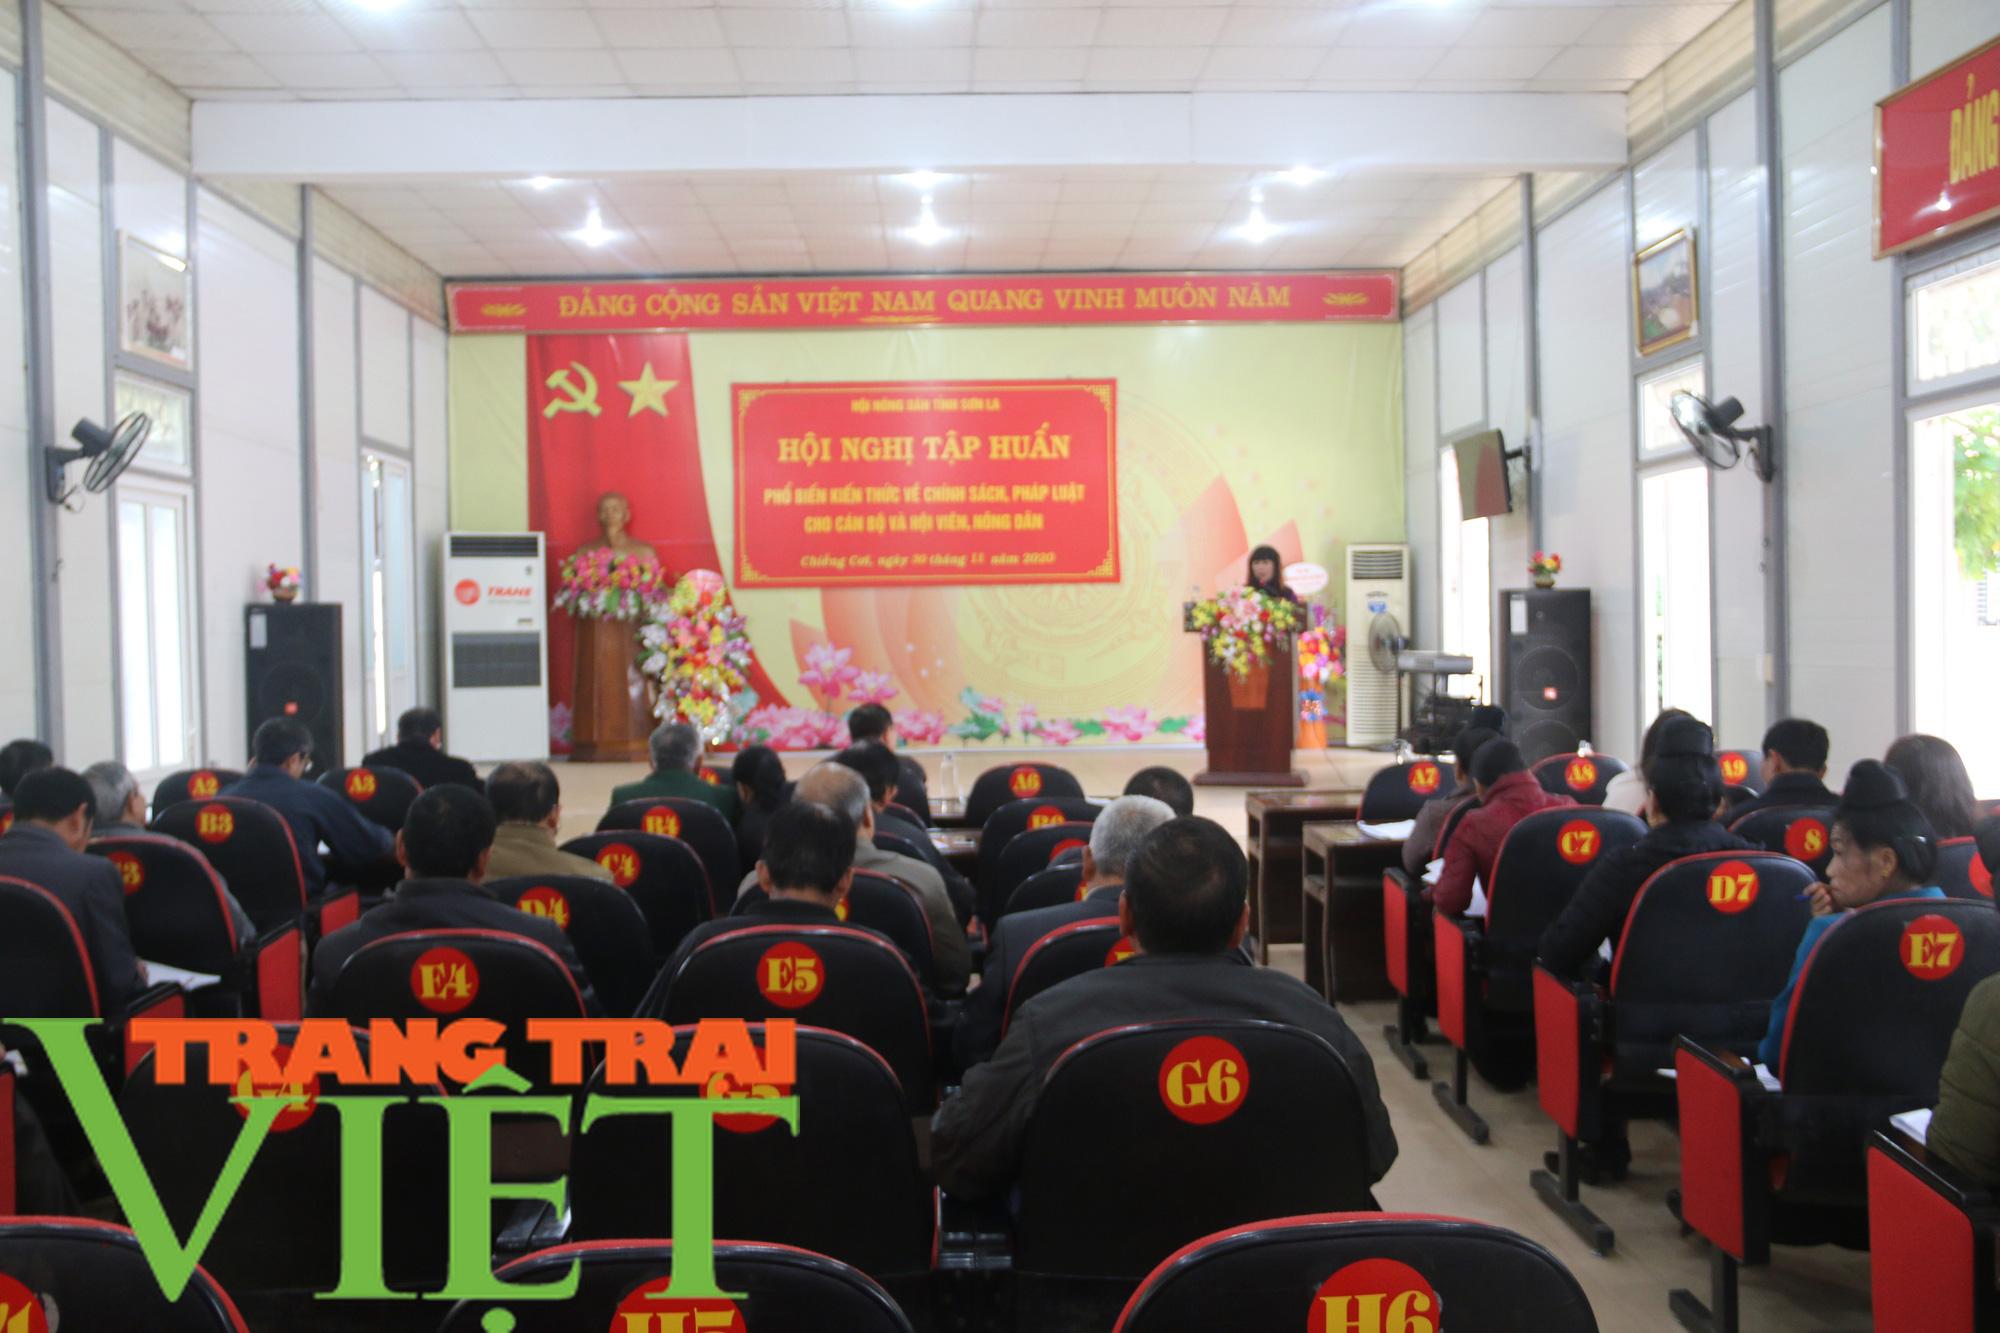 Hội Nông dân Sơn La: Tập huấn kiến thức pháp luật cho hội viên - Ảnh 1.